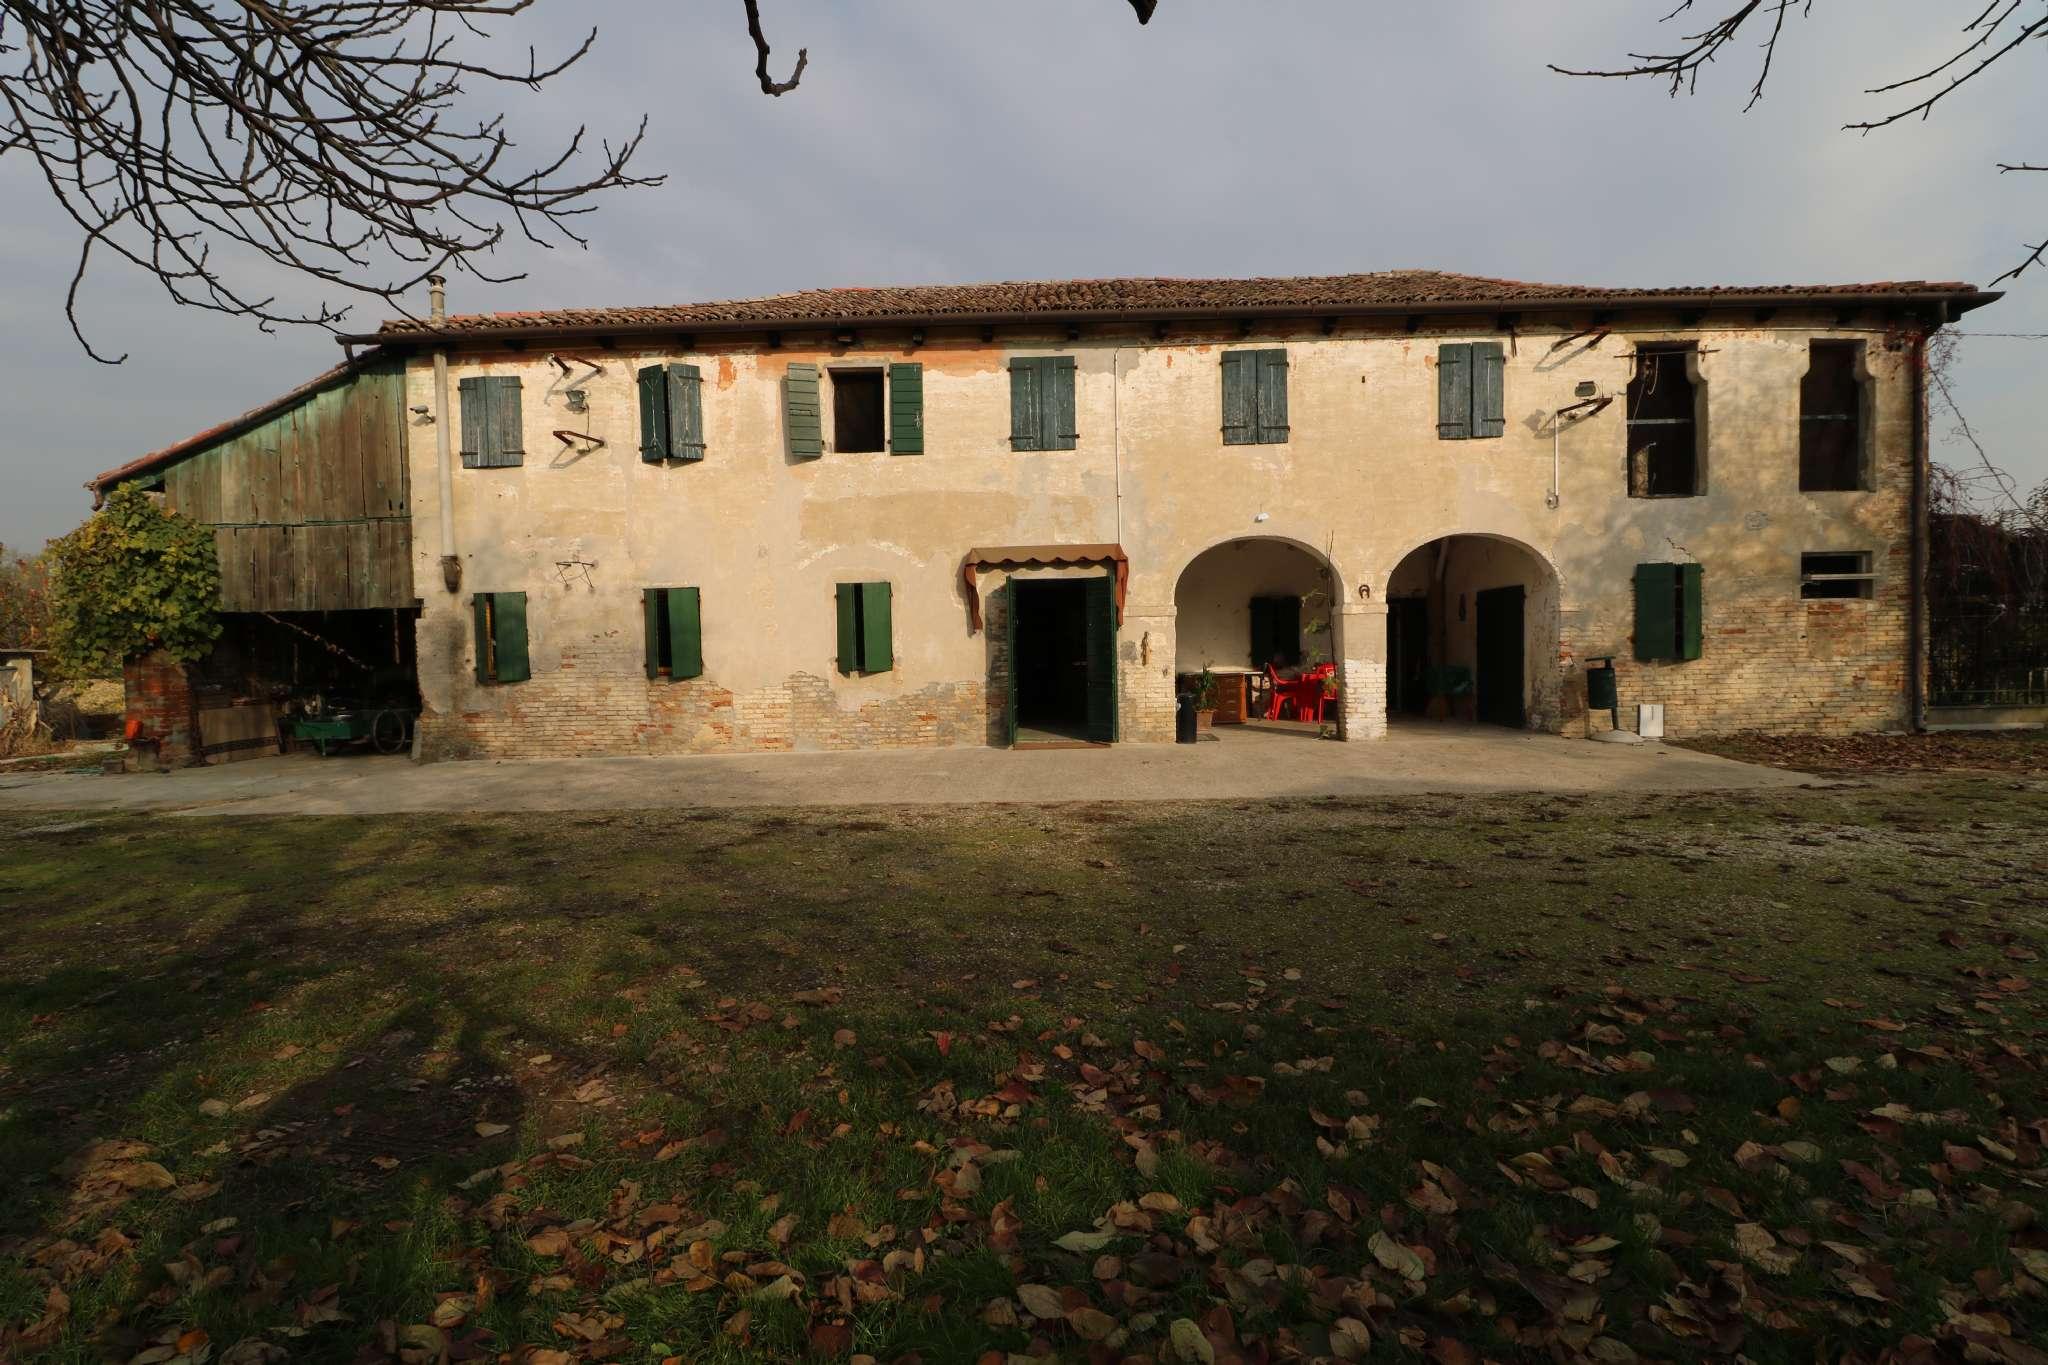 Rustico / Casale in vendita a Mogliano Veneto, 8 locali, prezzo € 550.000 | CambioCasa.it